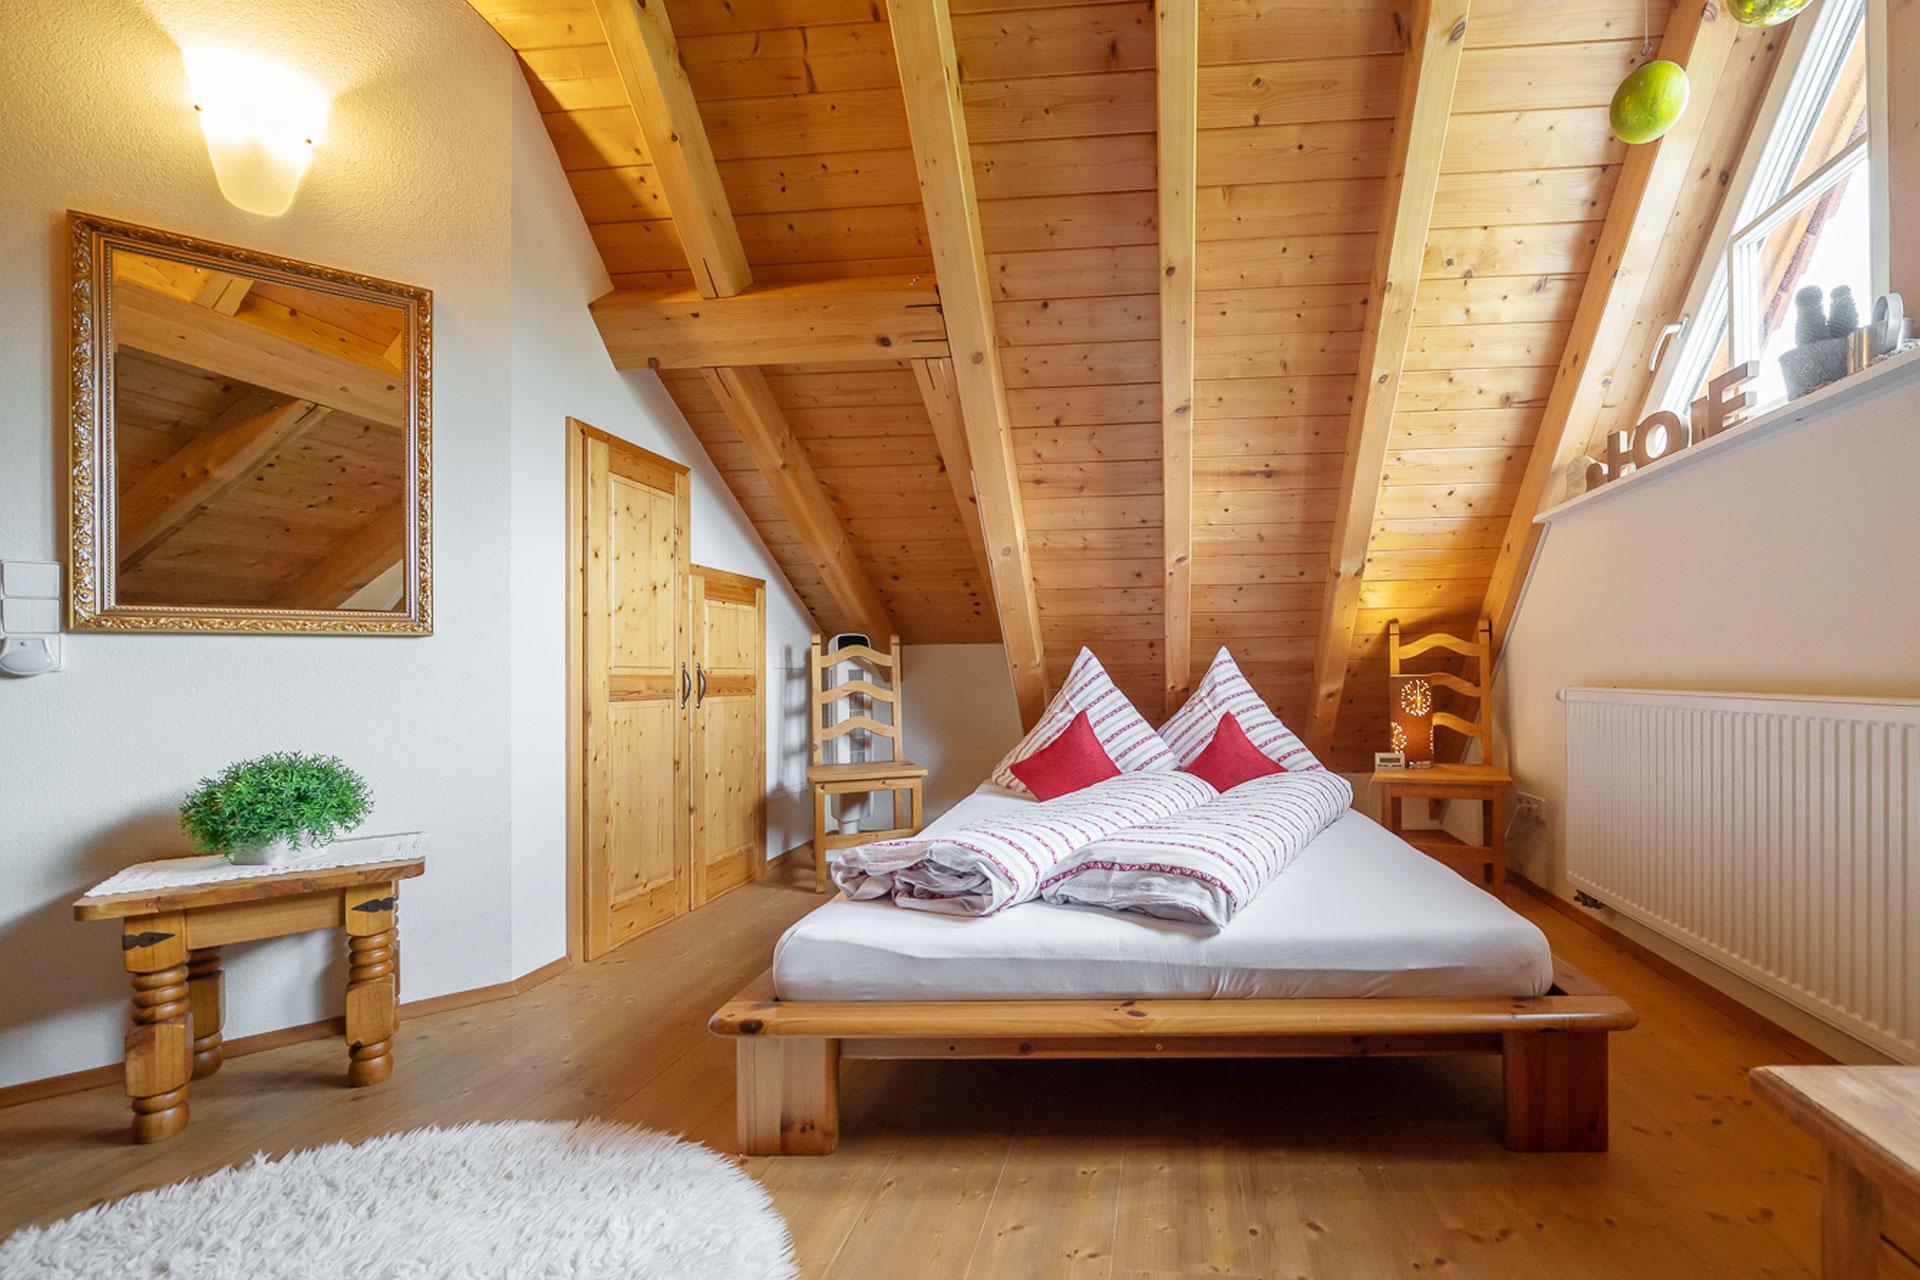 Ferienwohnung Schwipsle des Ferienhof Doll in Gengenbach